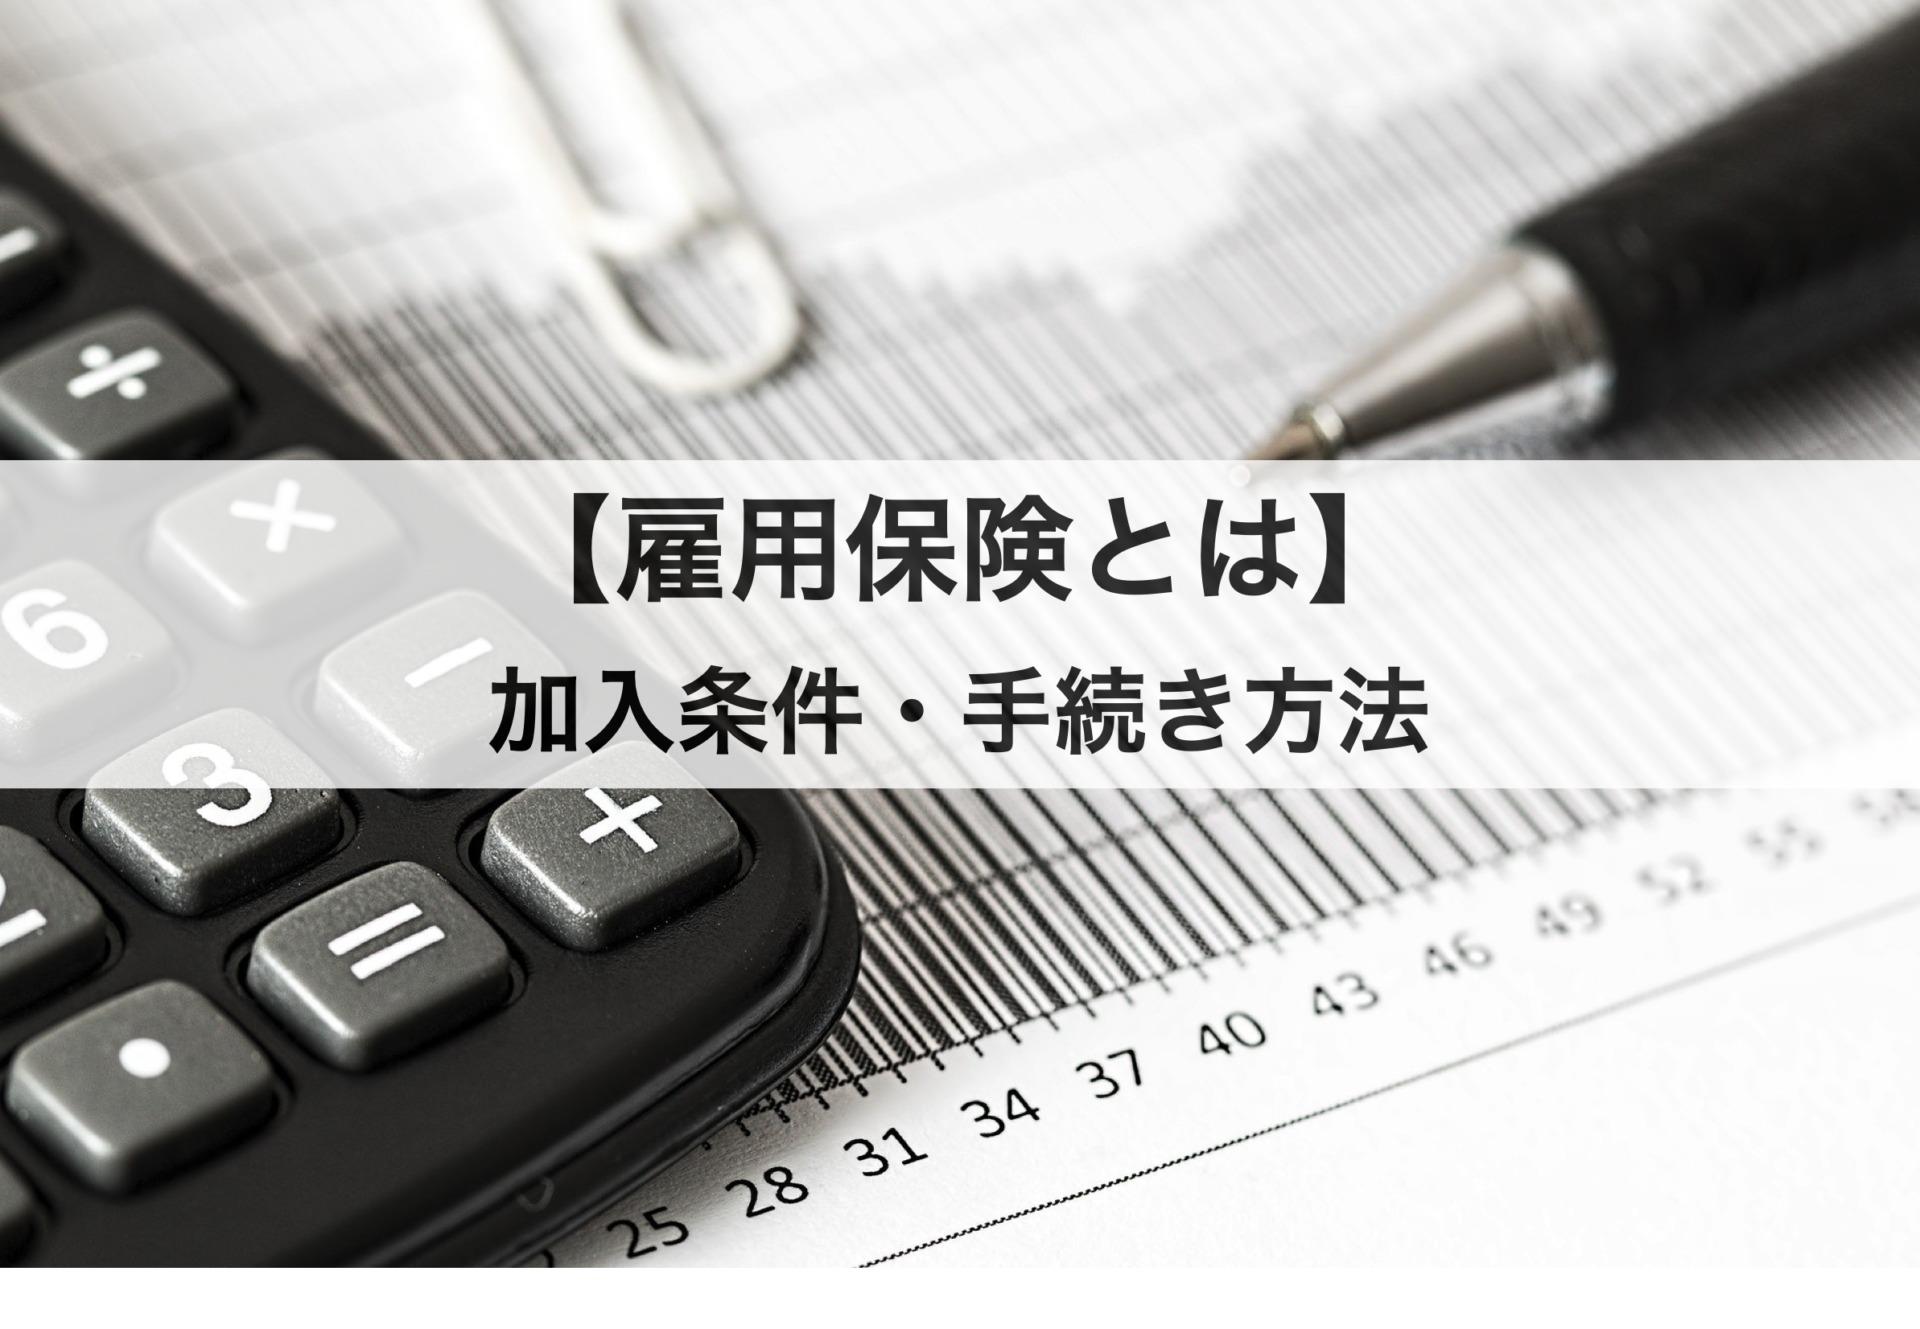 雇用保険とは?加入条件や手続き方法、保険料などをわかりやすく解説します。